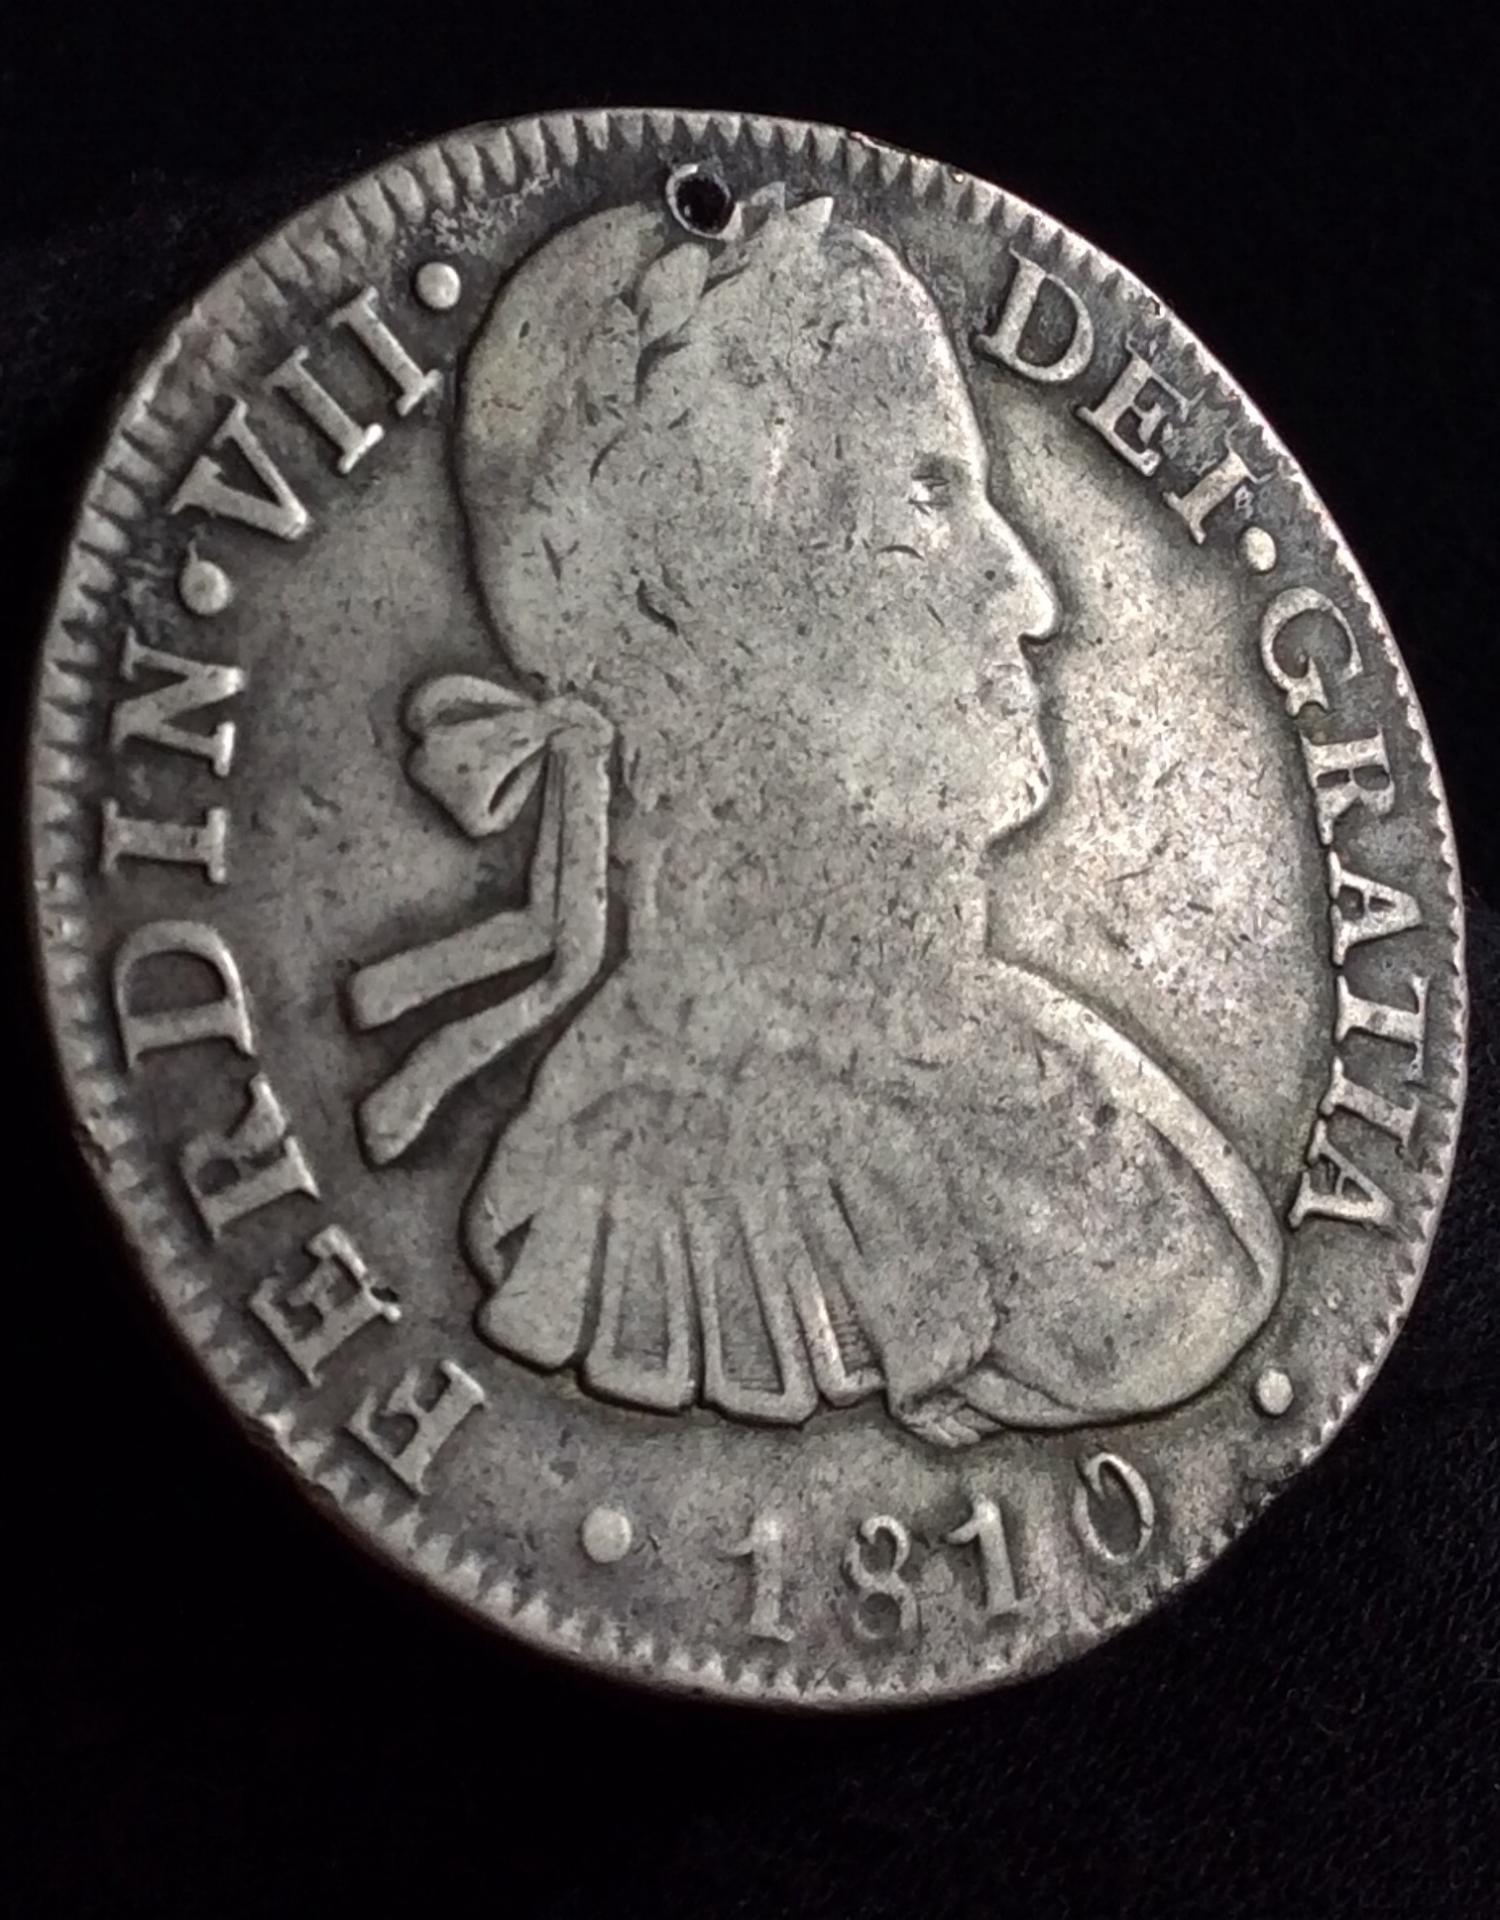 8 REALES 1810 - FERNANDO VII - CECA MÉXICO - BUSTO ALMIRANTE